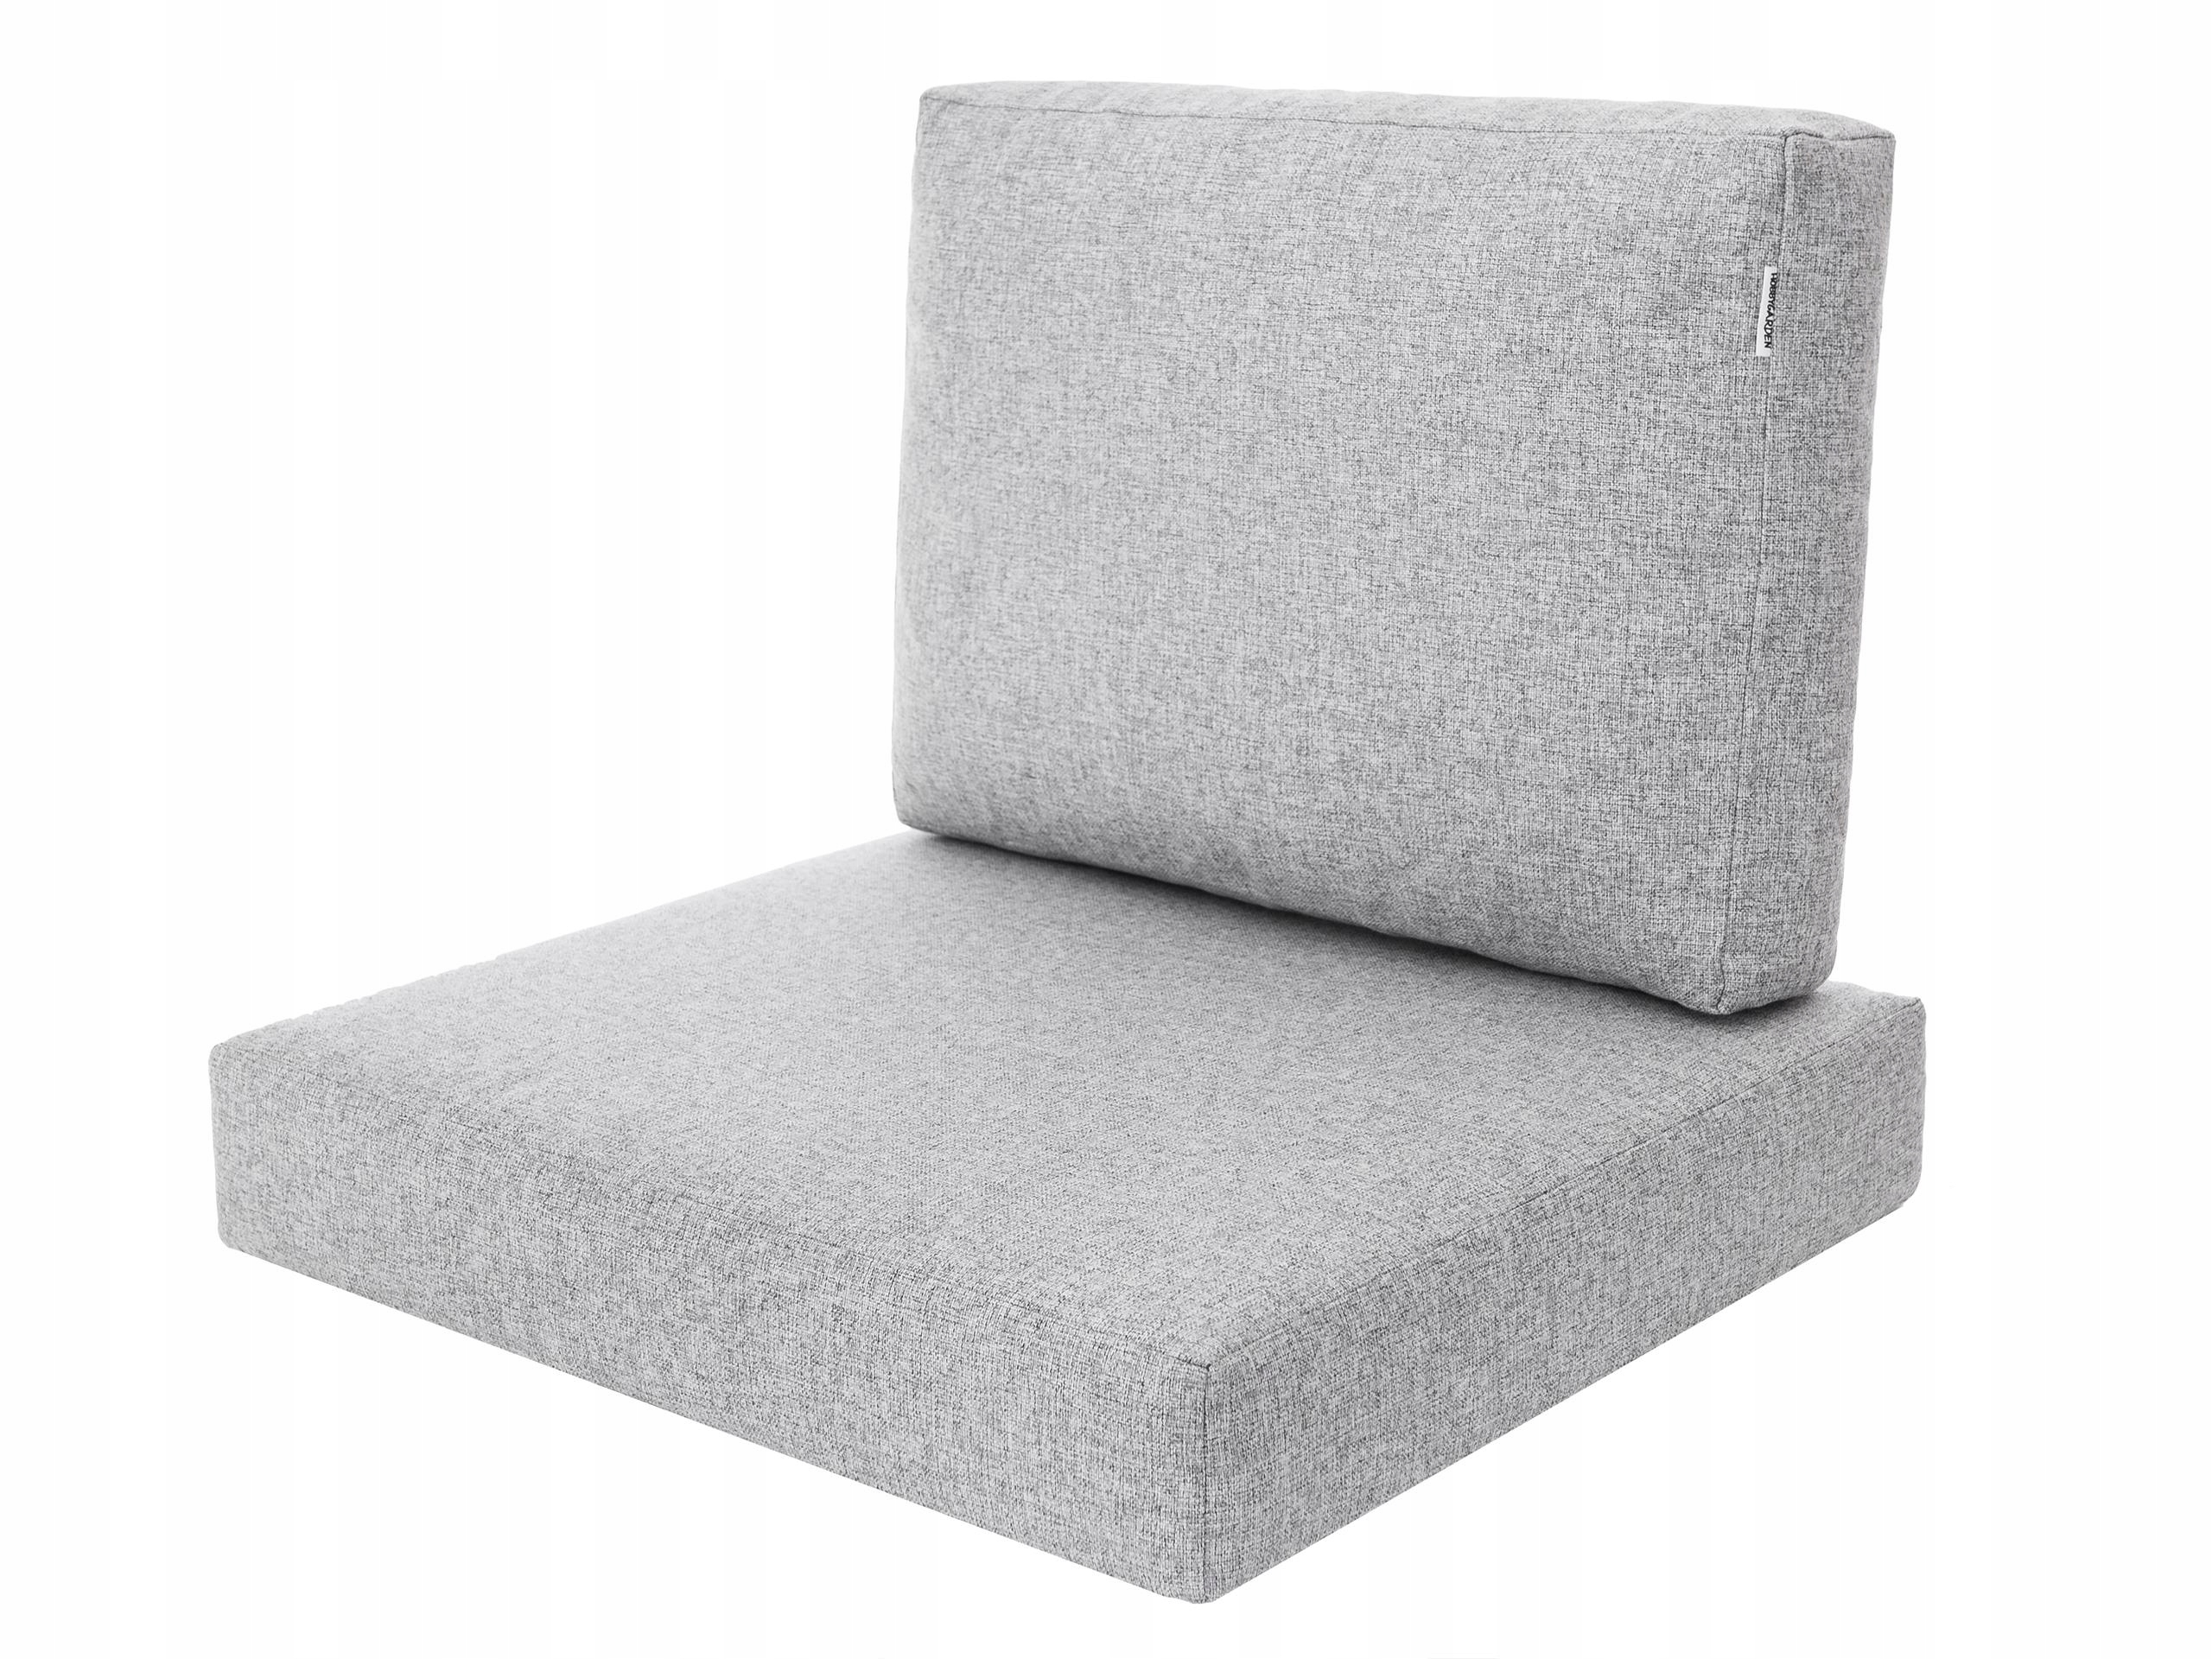 Подушка для кресла Шезлонг типа Technorattan 60x55x40